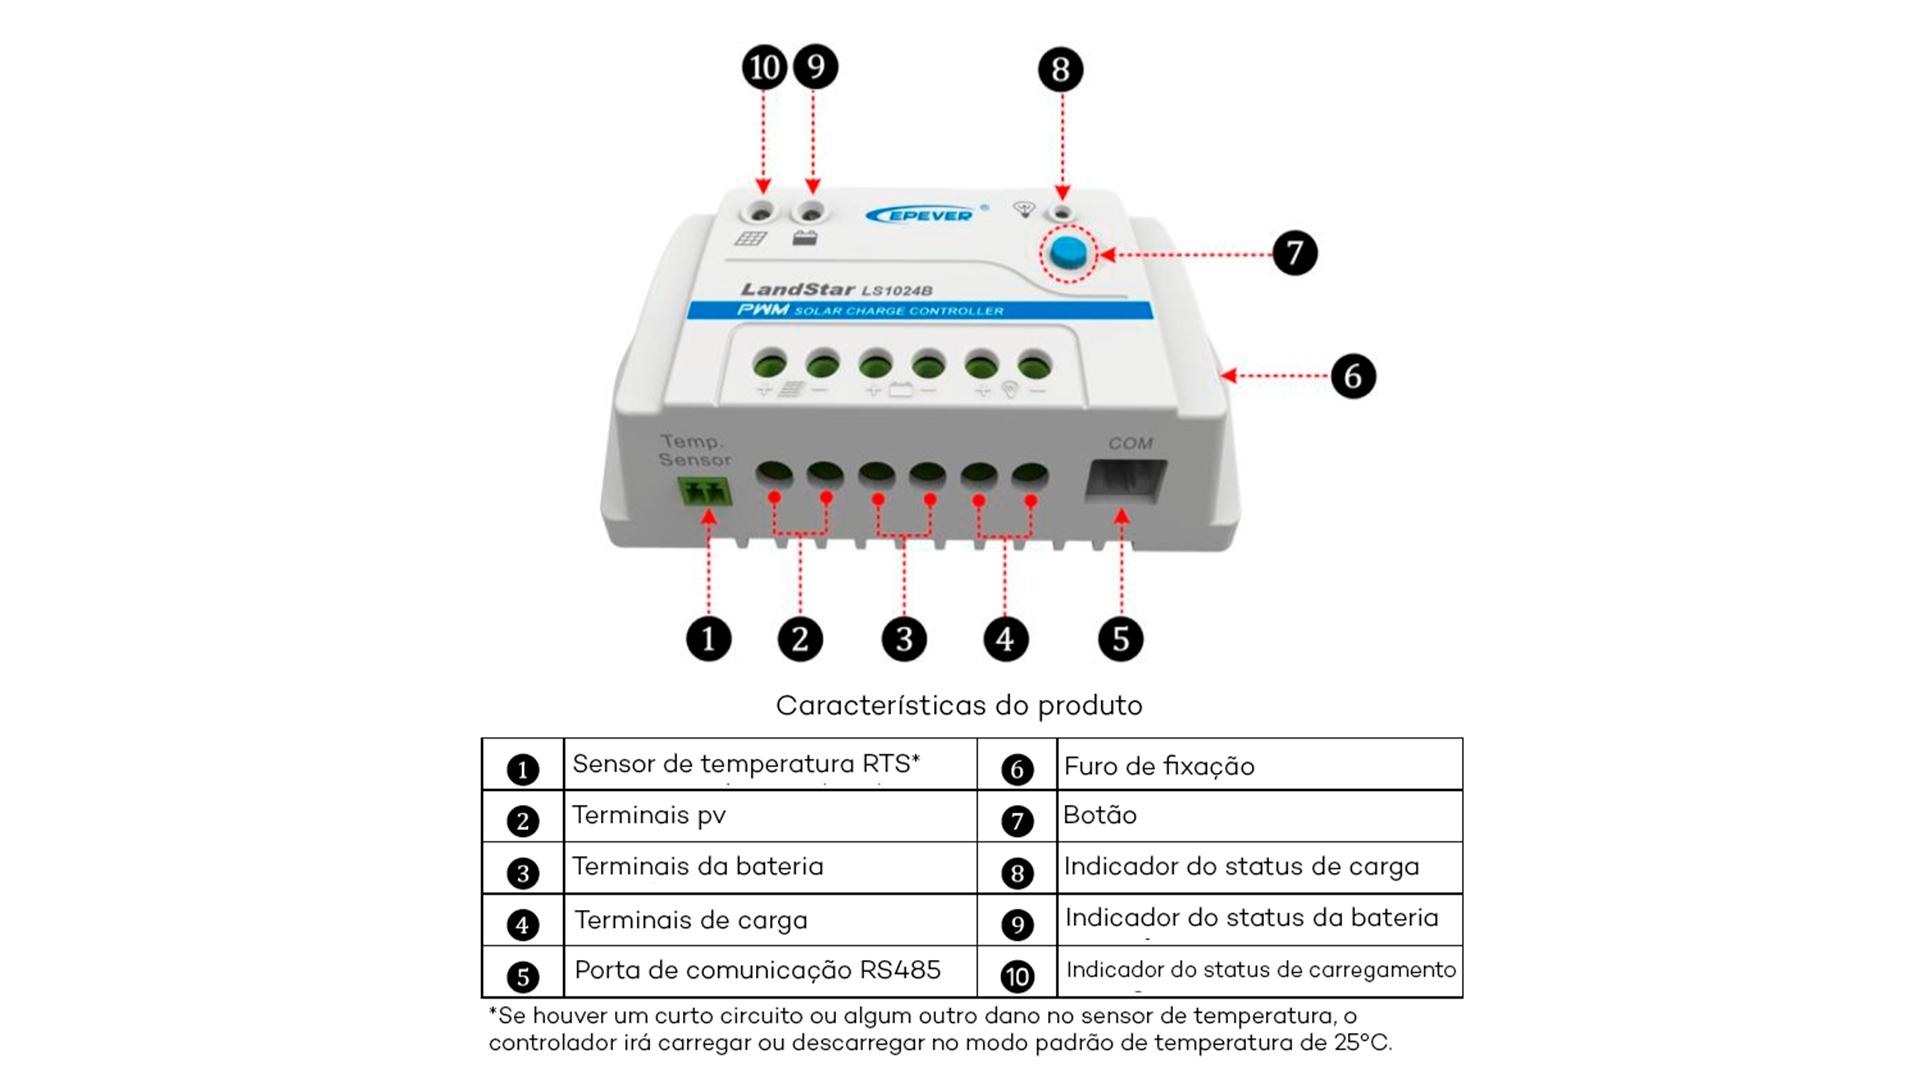 Visão Geral dos Componentes do controlador de Carga Landstar Série B